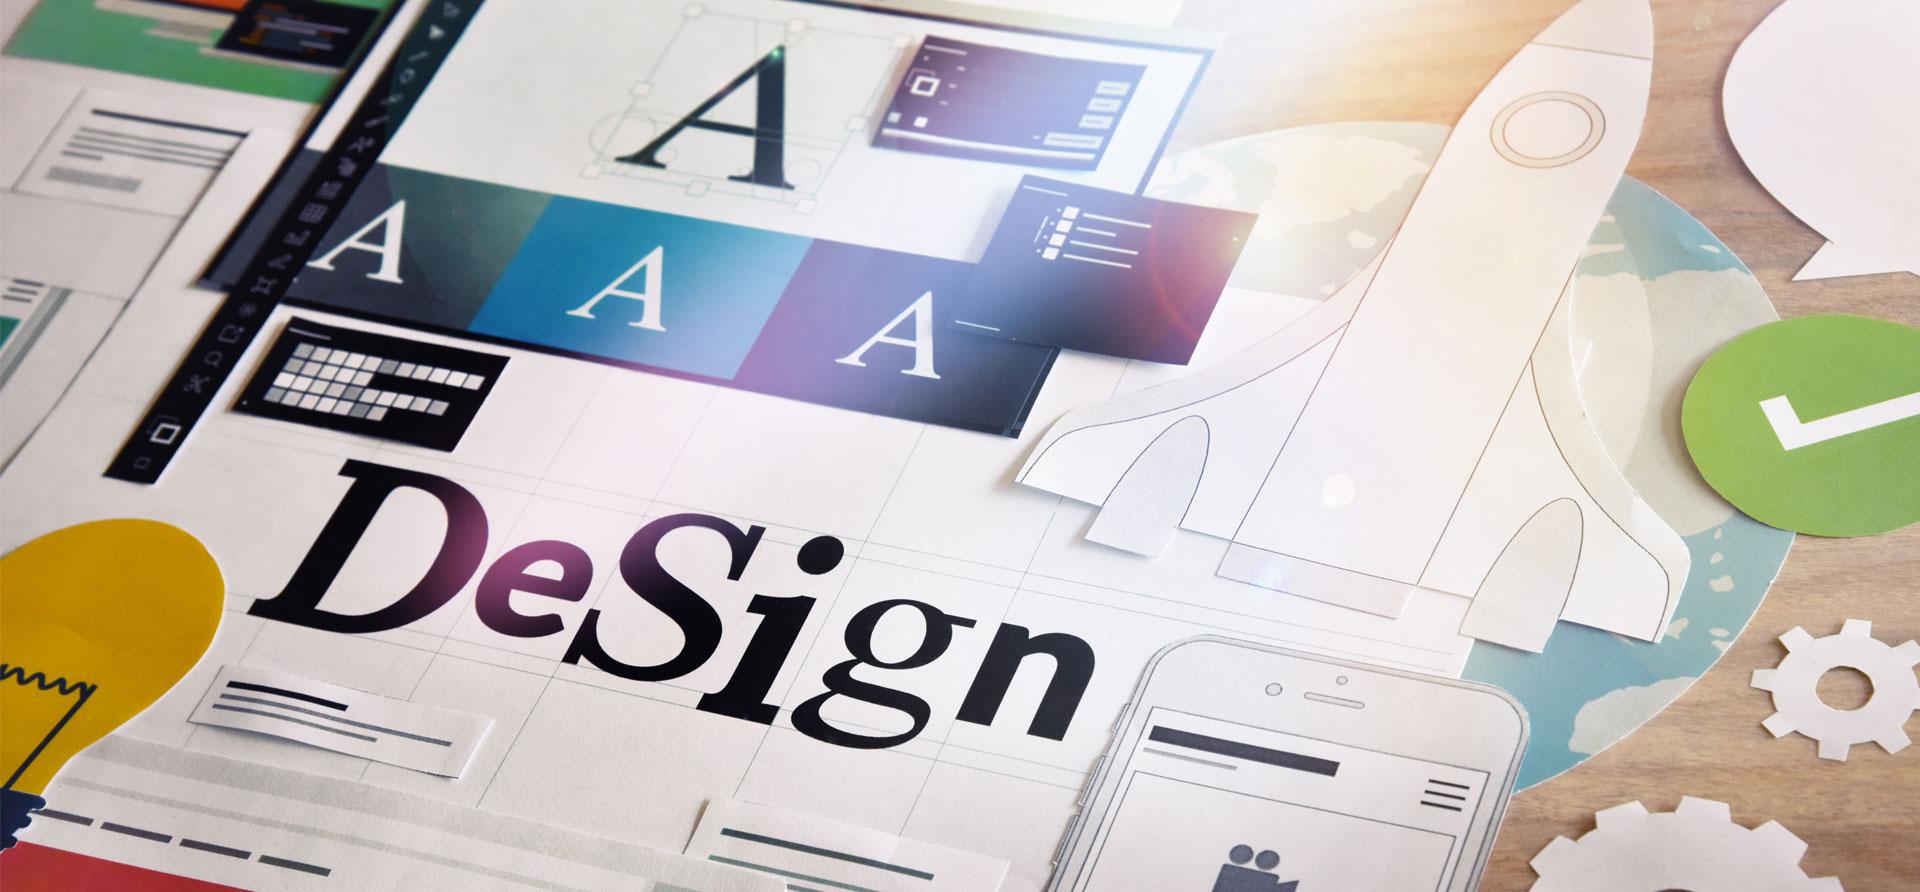 Ide Systemer gjør deg synlig med god og profesjonell design